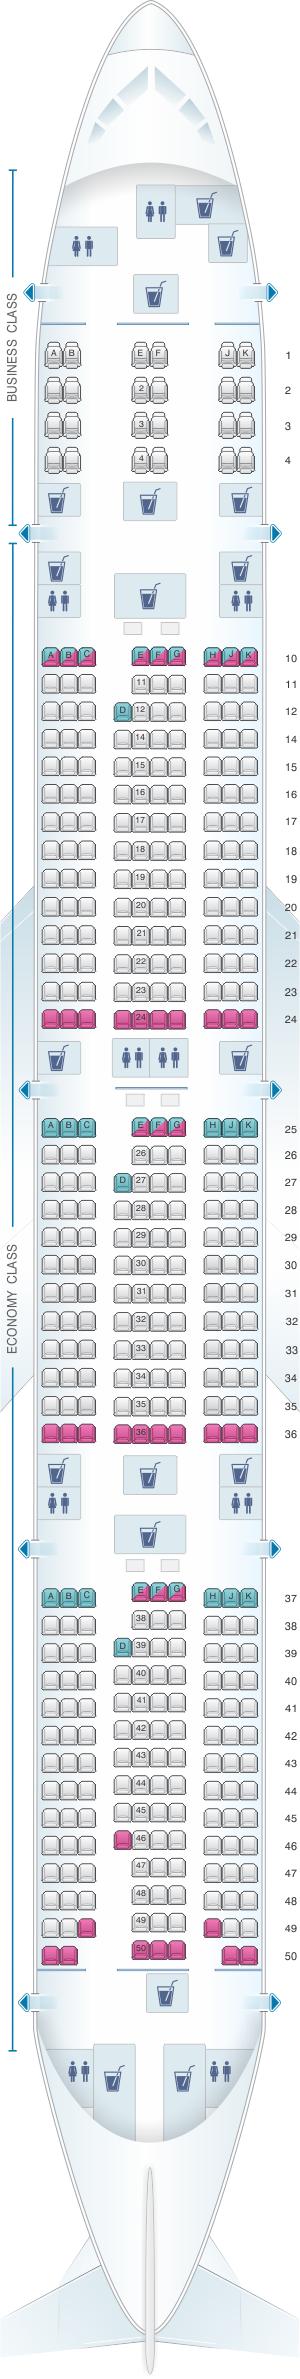 Seat map for Qatar Airways Boeing B777 300ER 412pax